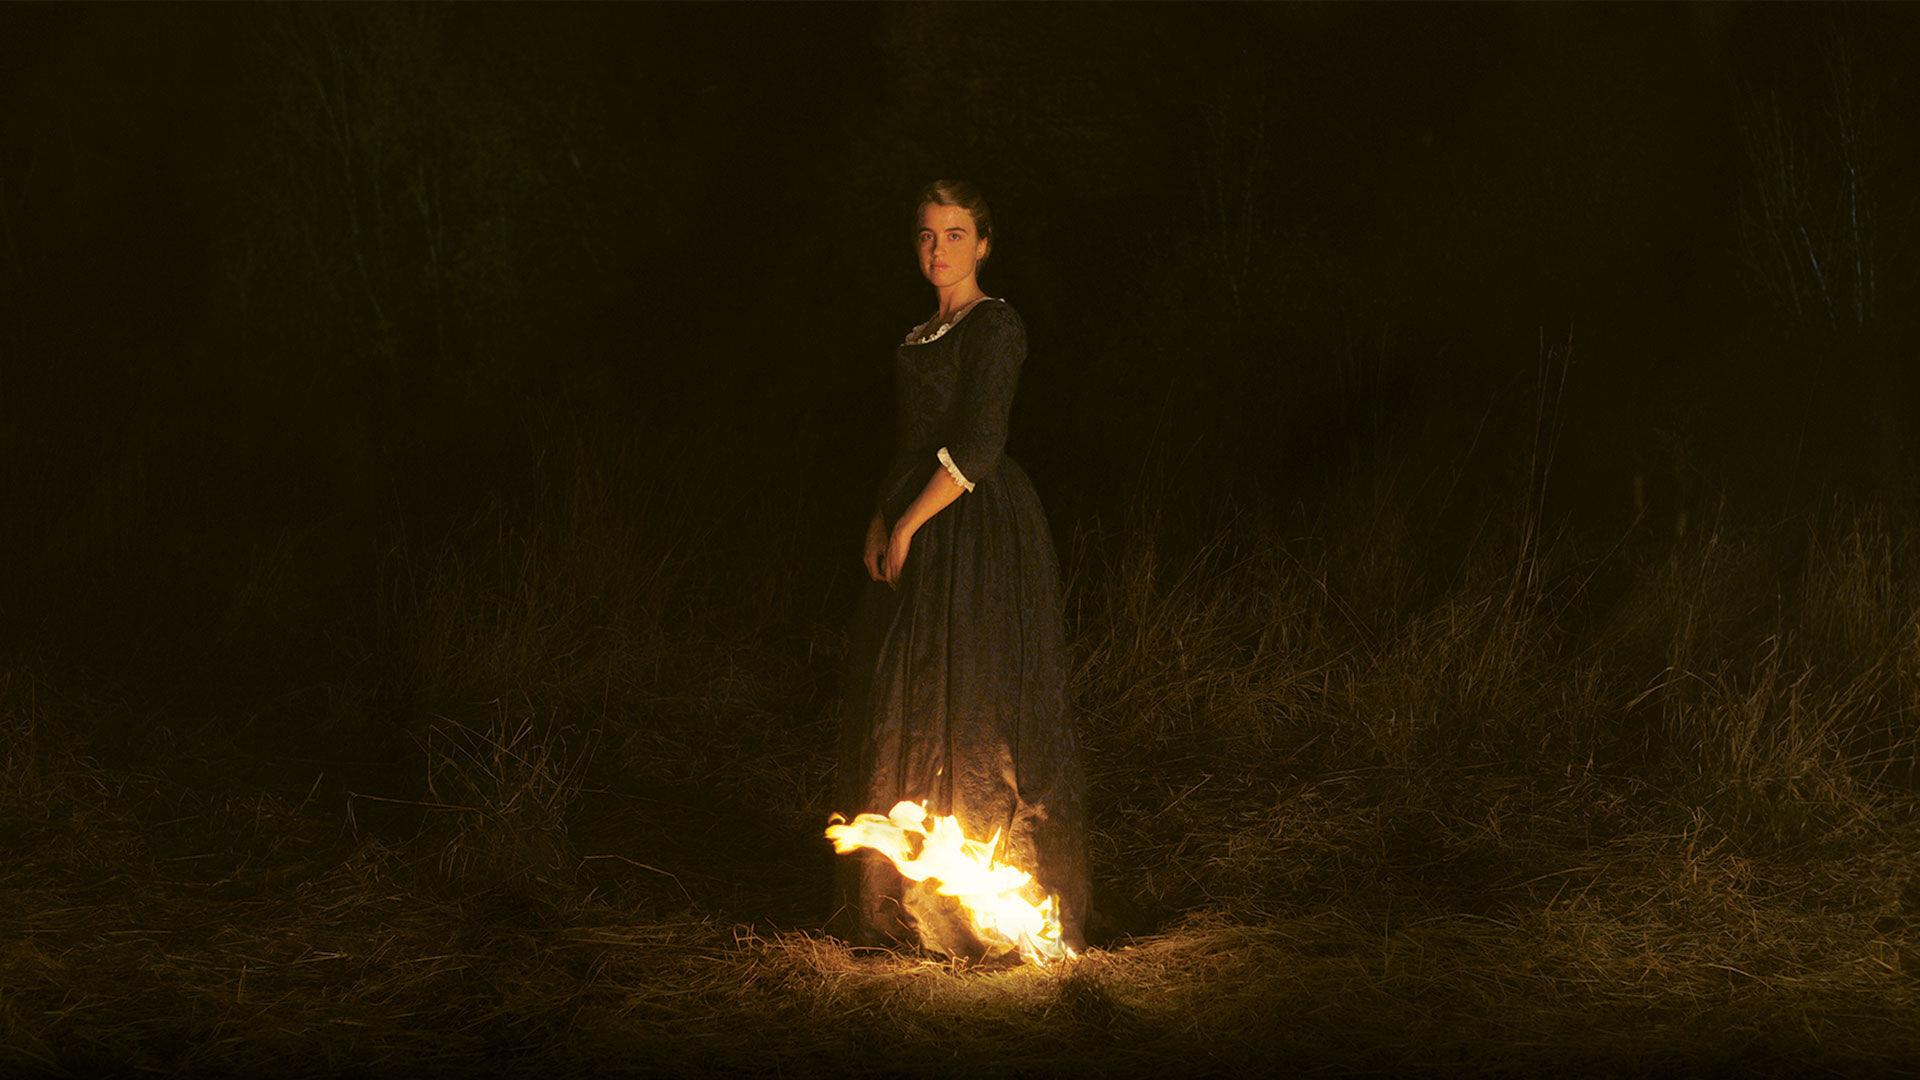 Porträtt av en kvinna i brand